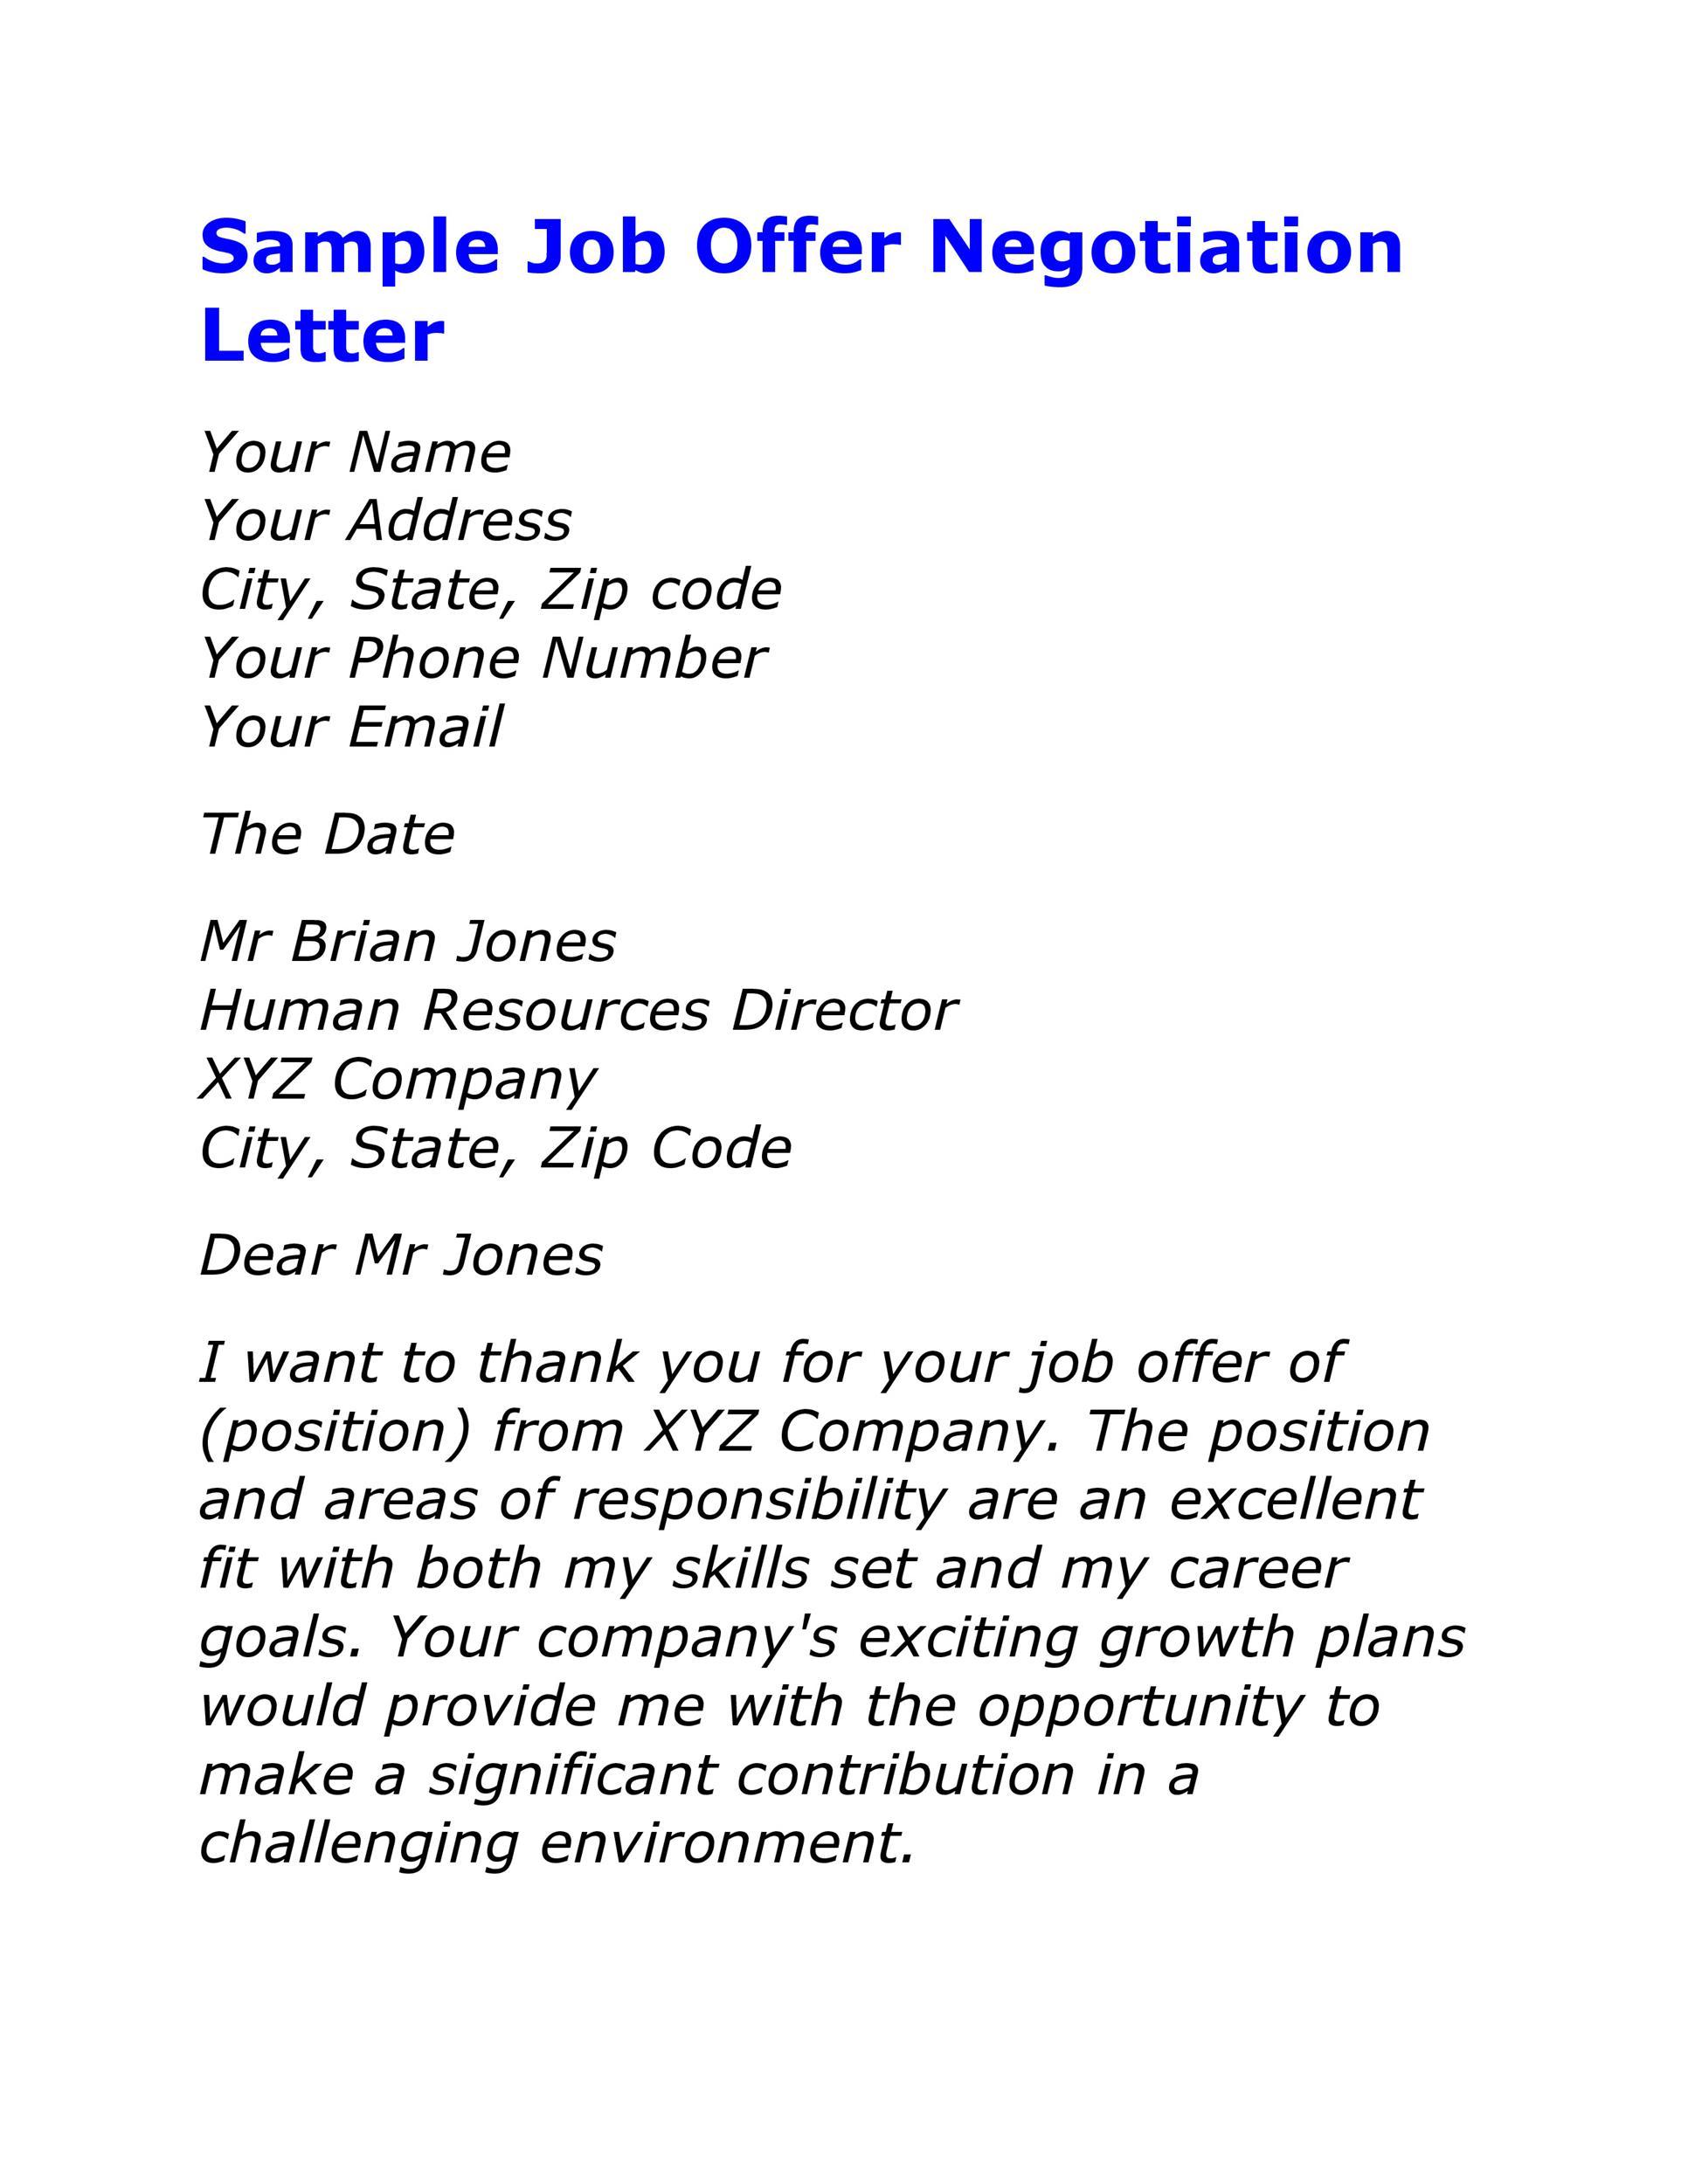 Lettre gratuite pour les négociations salariales 18